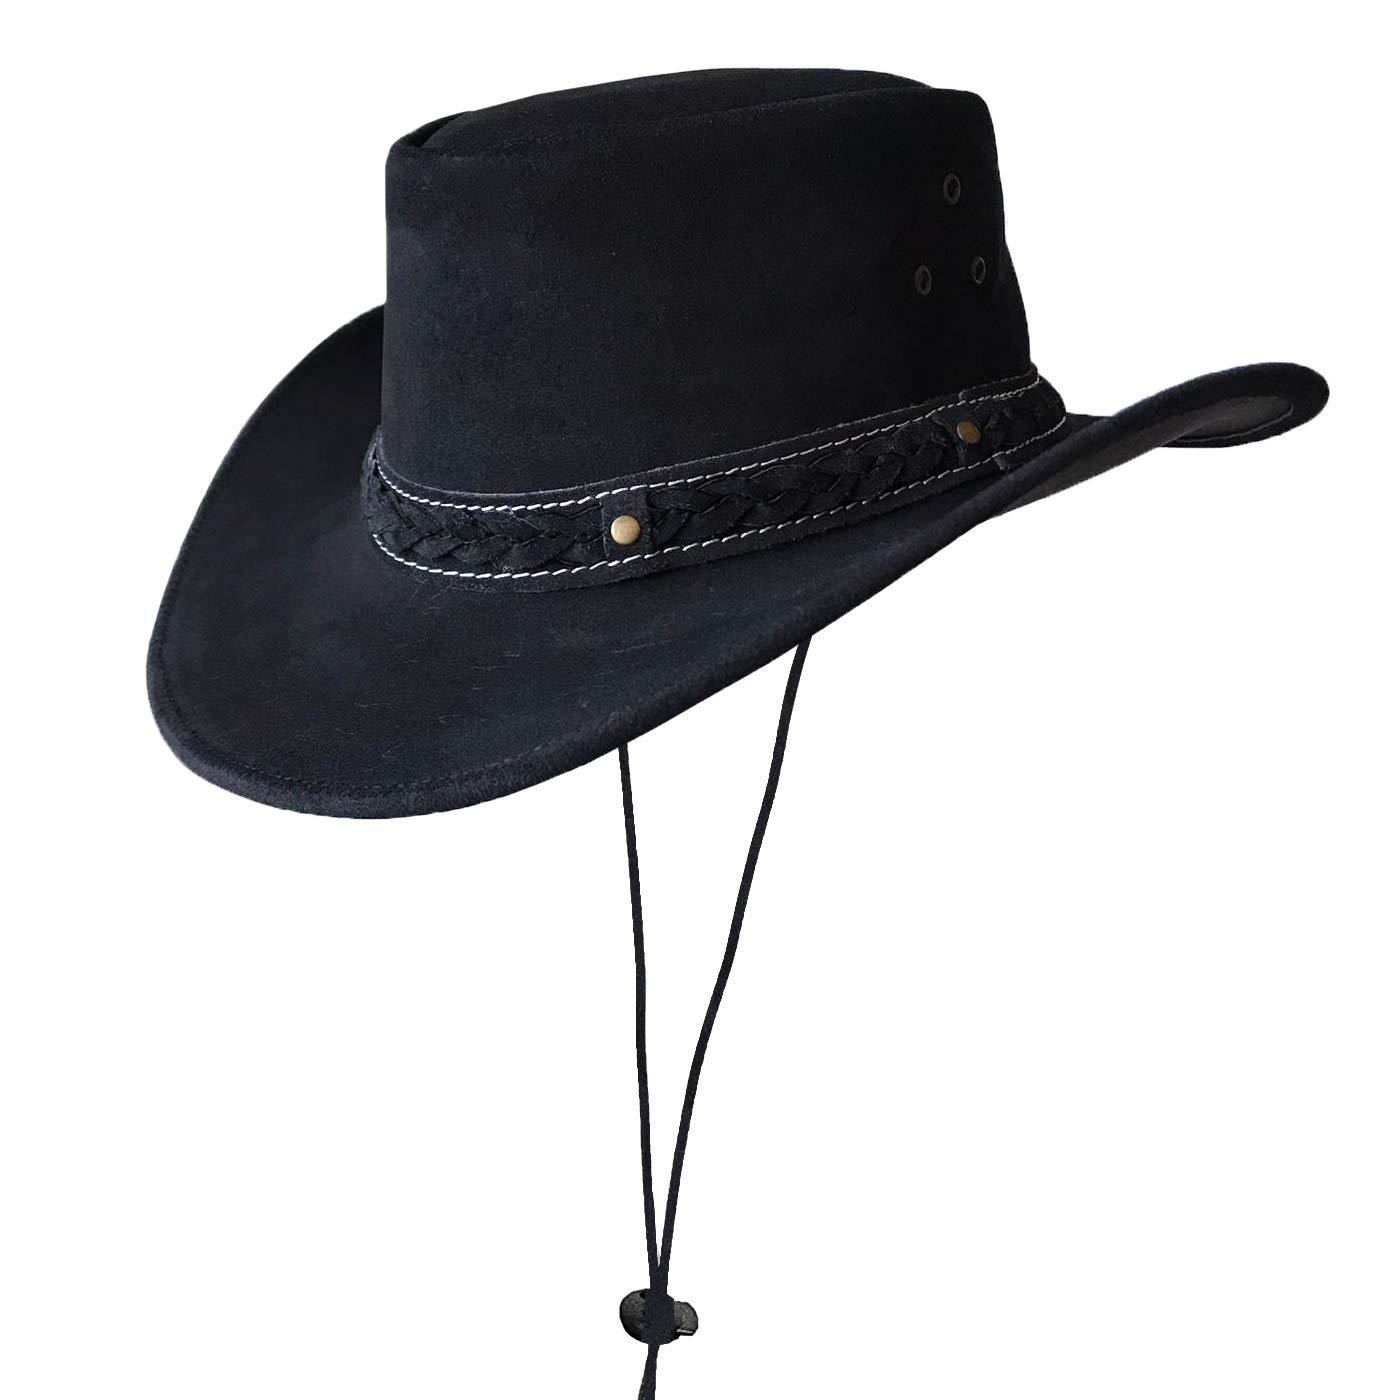 Brandslock Sombrero de Estilo Vaquero Australiano de ala Ancha de Estilo para Hombre